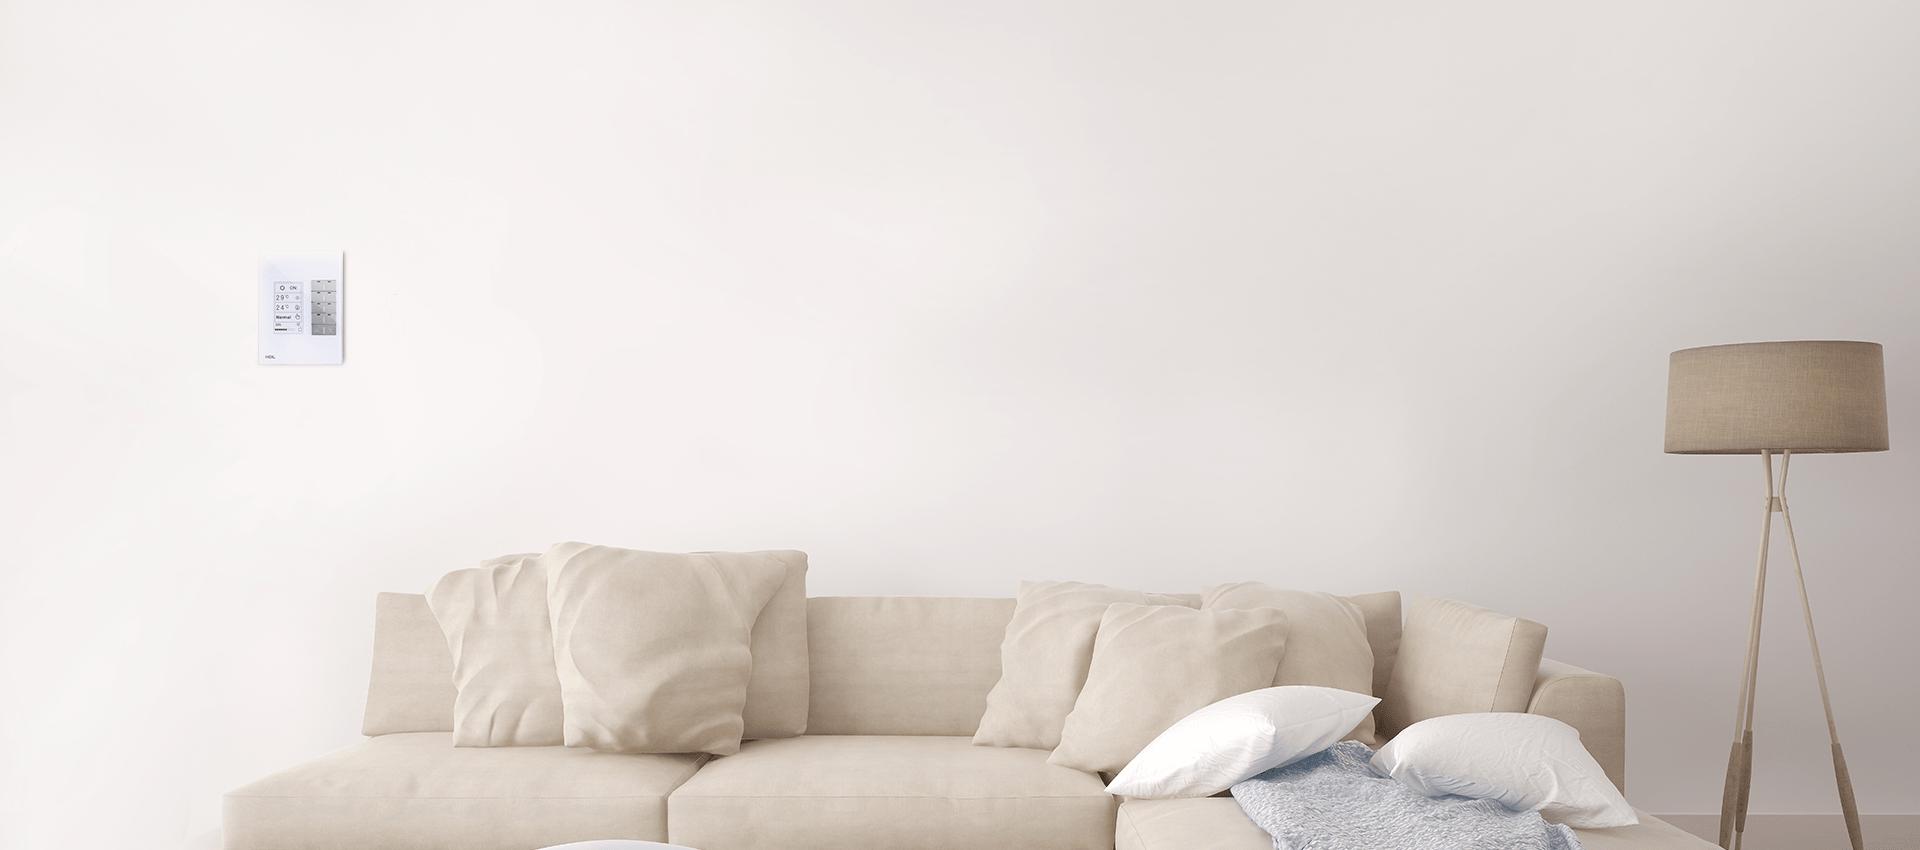 خانه هوشمند با محصولات HDL